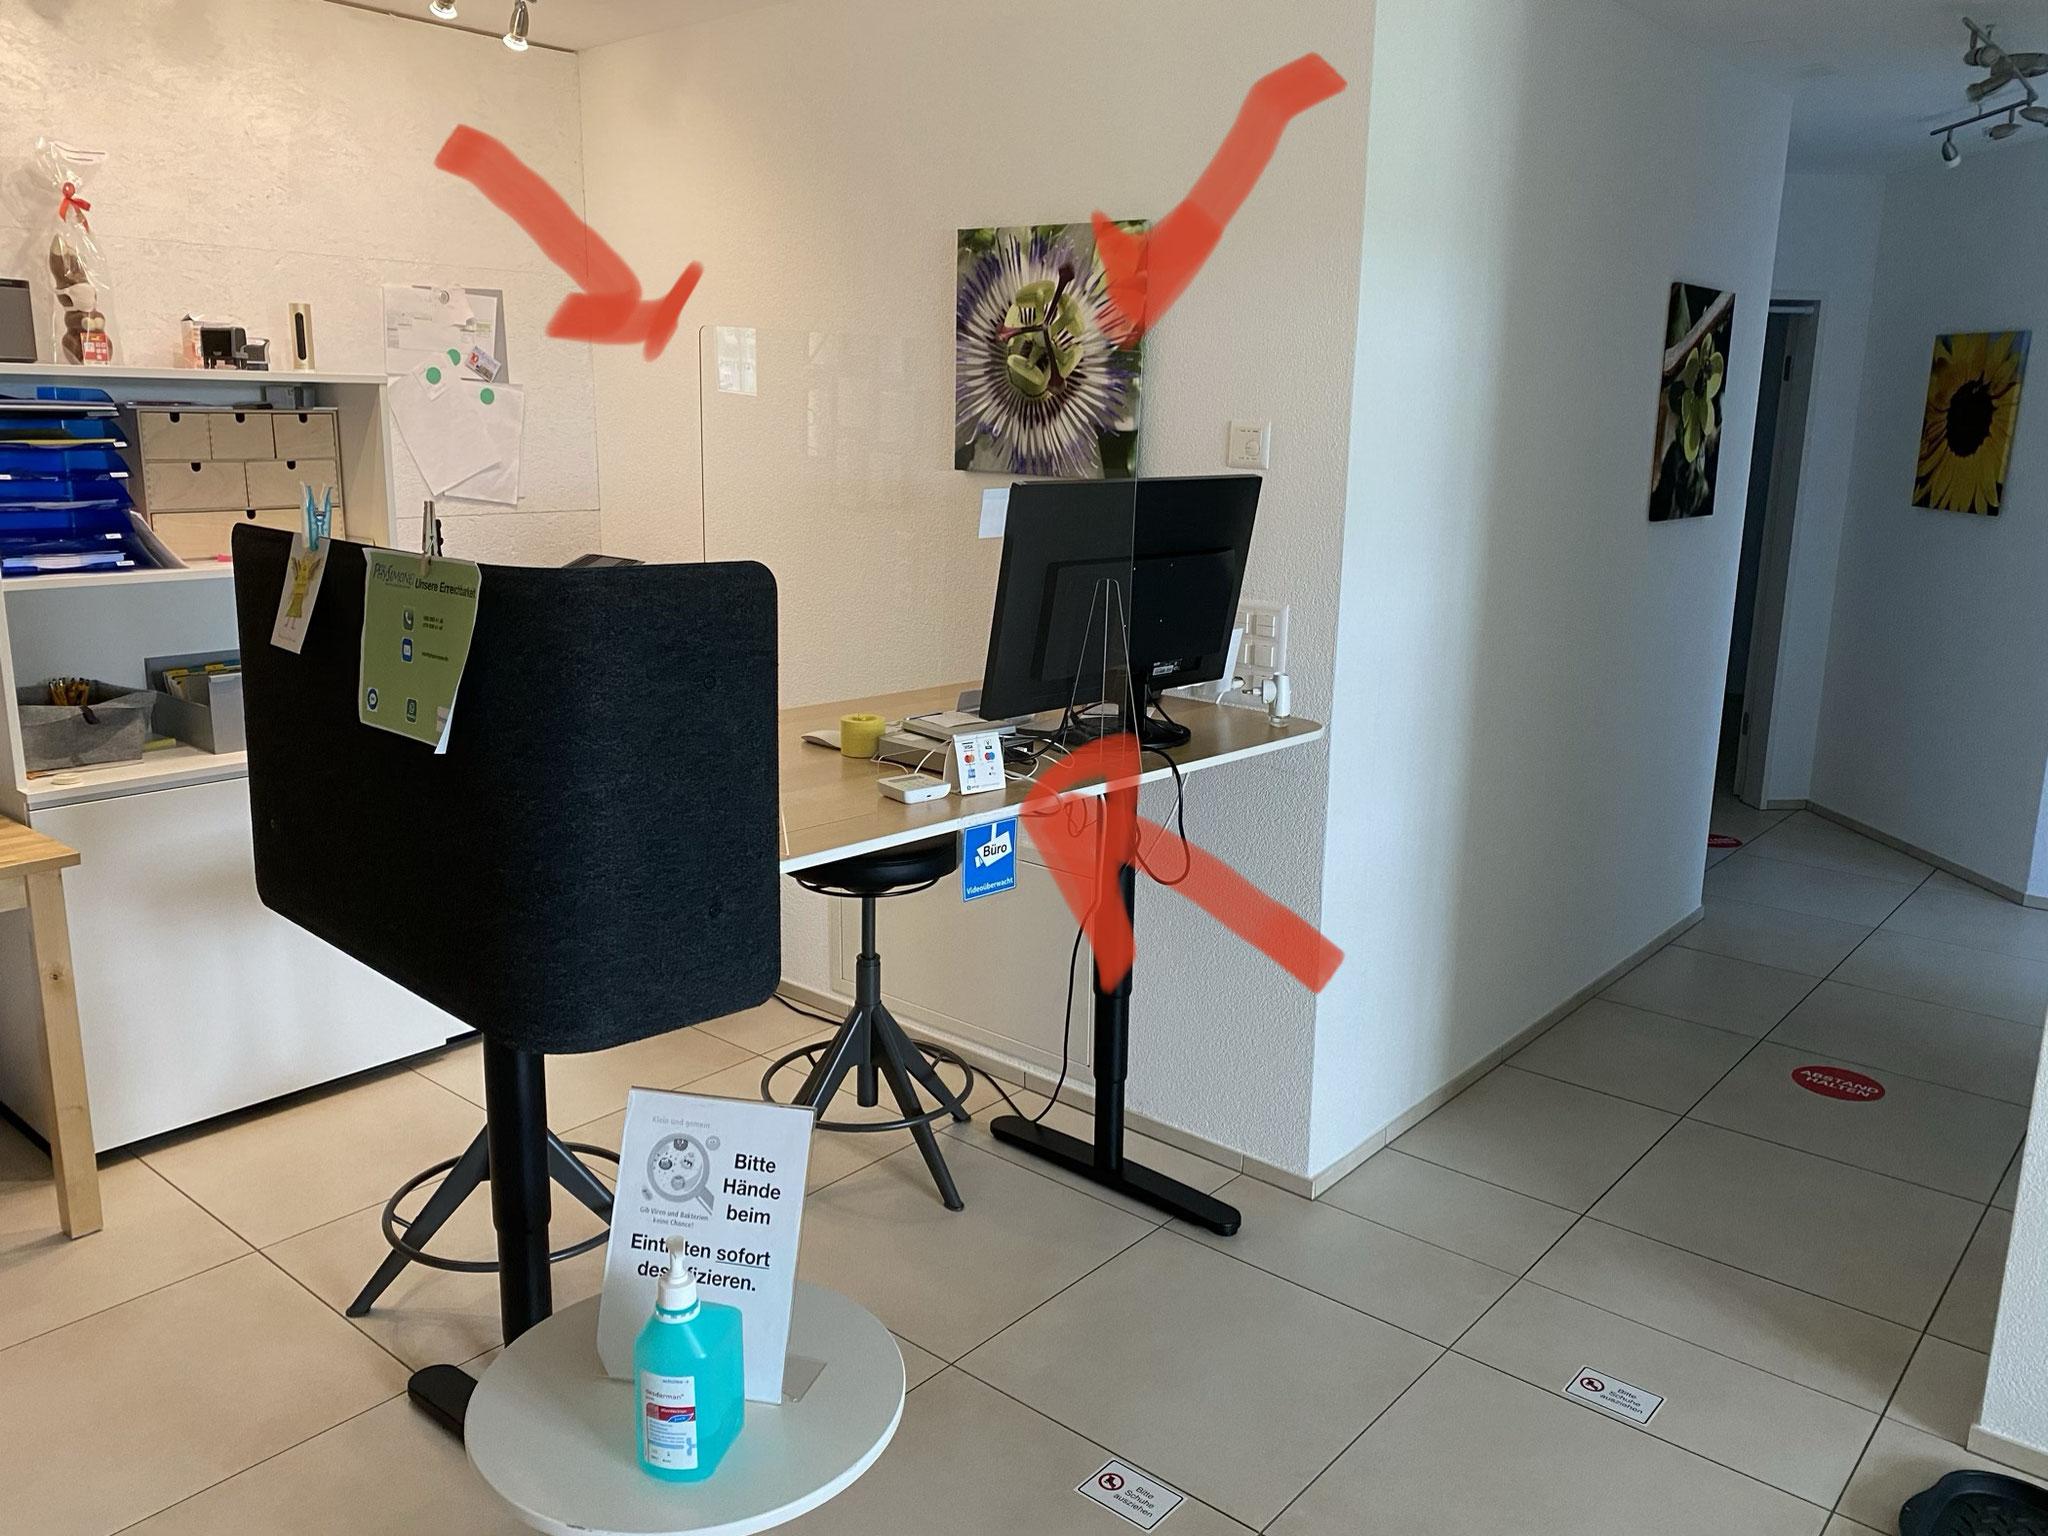 Das Büro ist mit einem Plexiglas geschützt